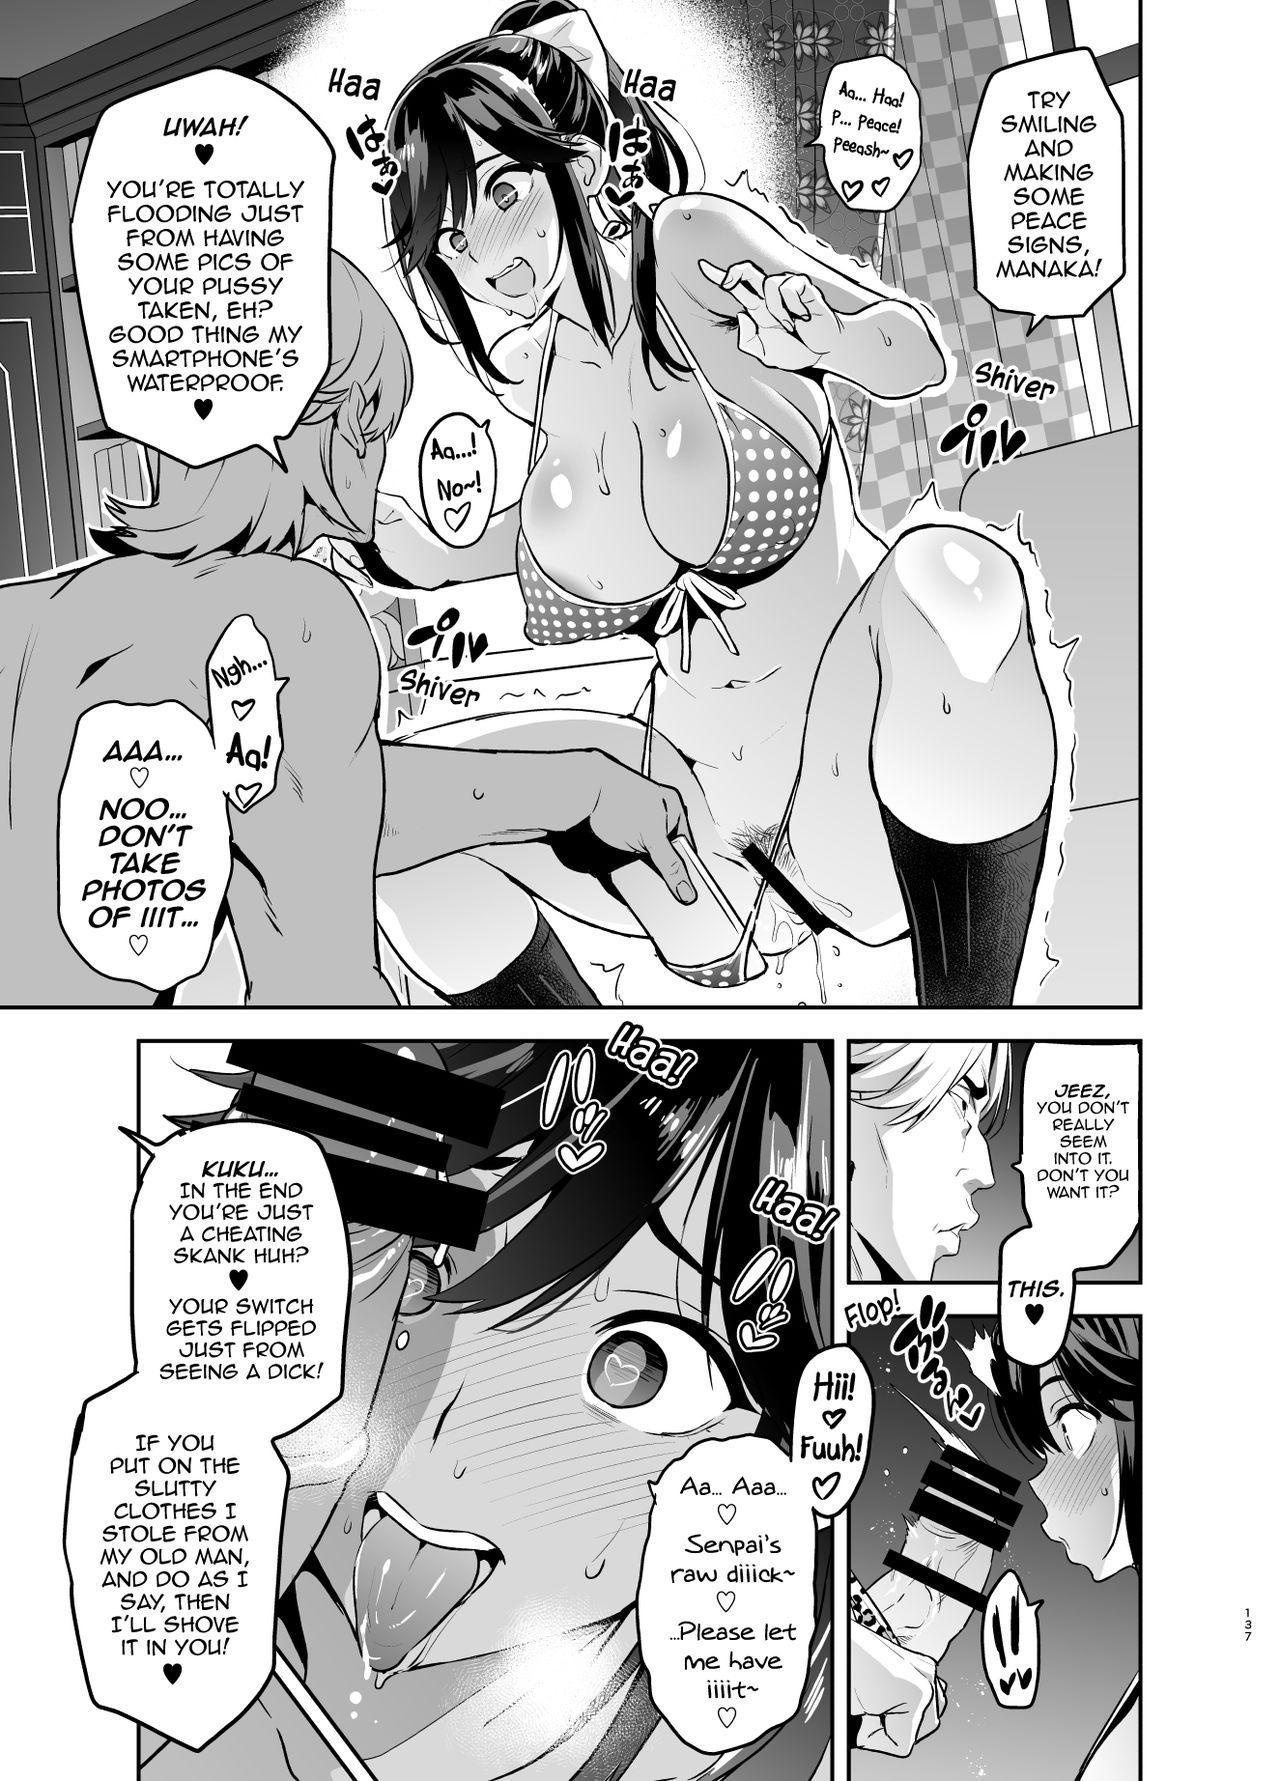 Manatama Plus Kakioroshi | Manatama Plus Extra 11